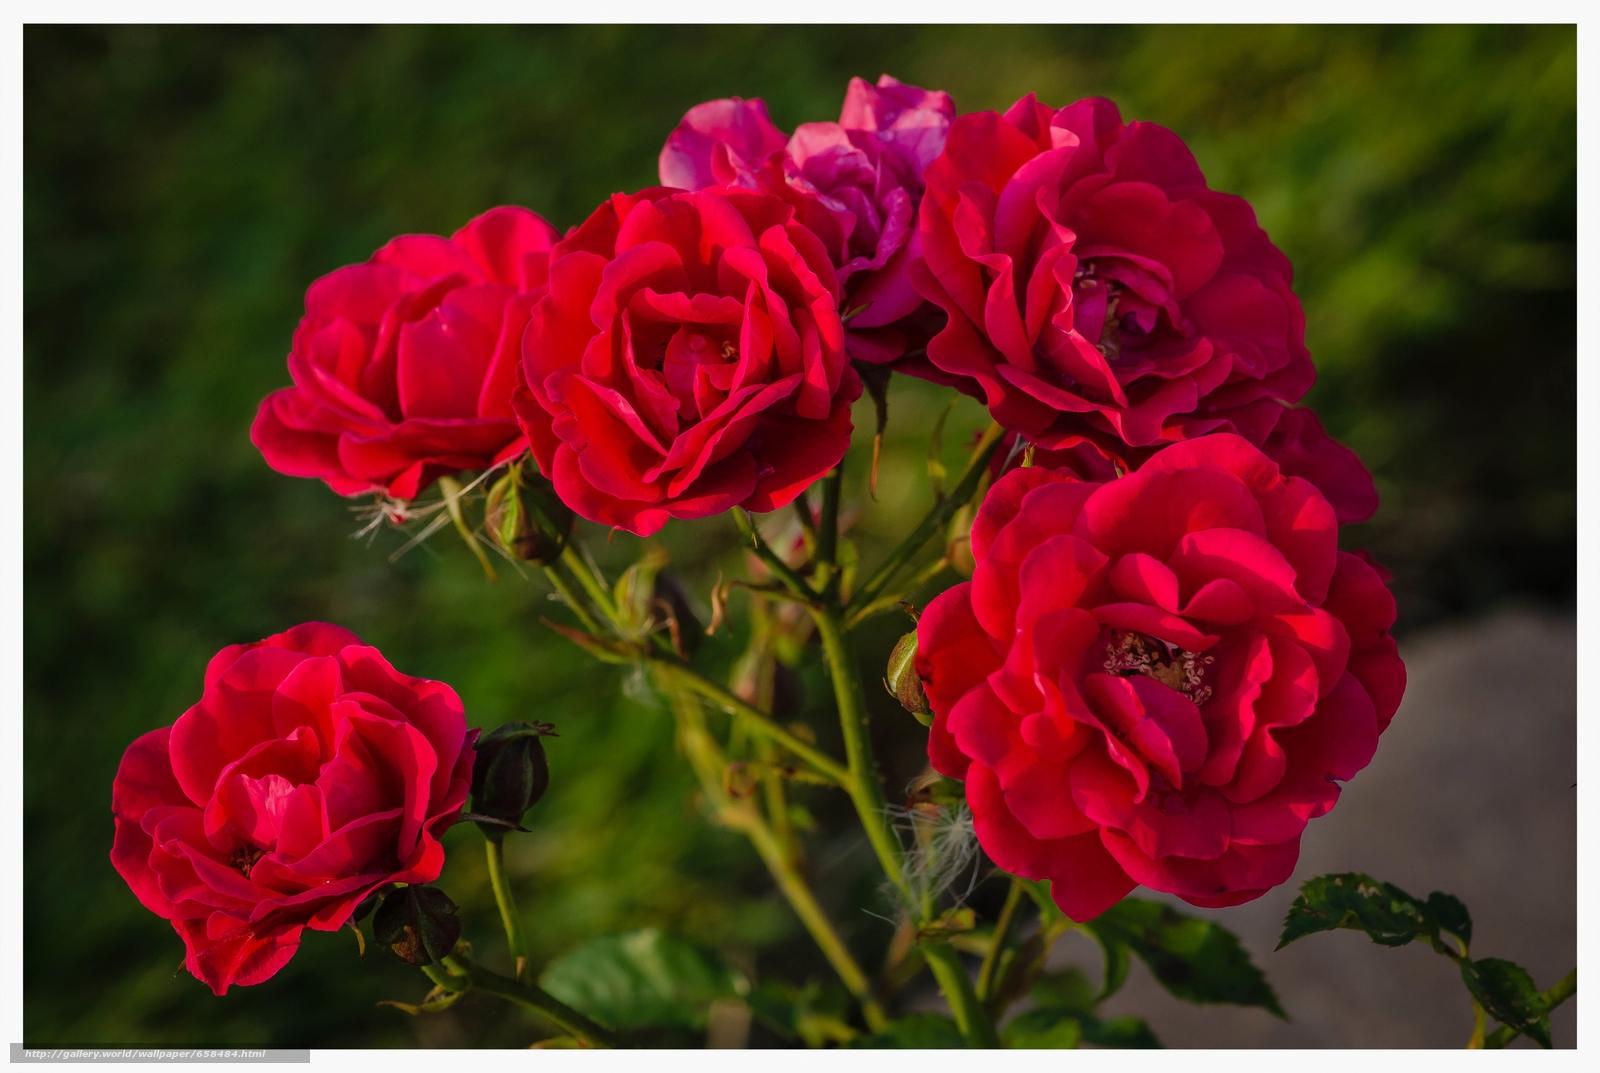 pobra tapety kwiat,  Kwiaty,  flora,  róża Darmowe tapety na pulpit rozdzielczoci 4866x3264 — zdjcie №658484